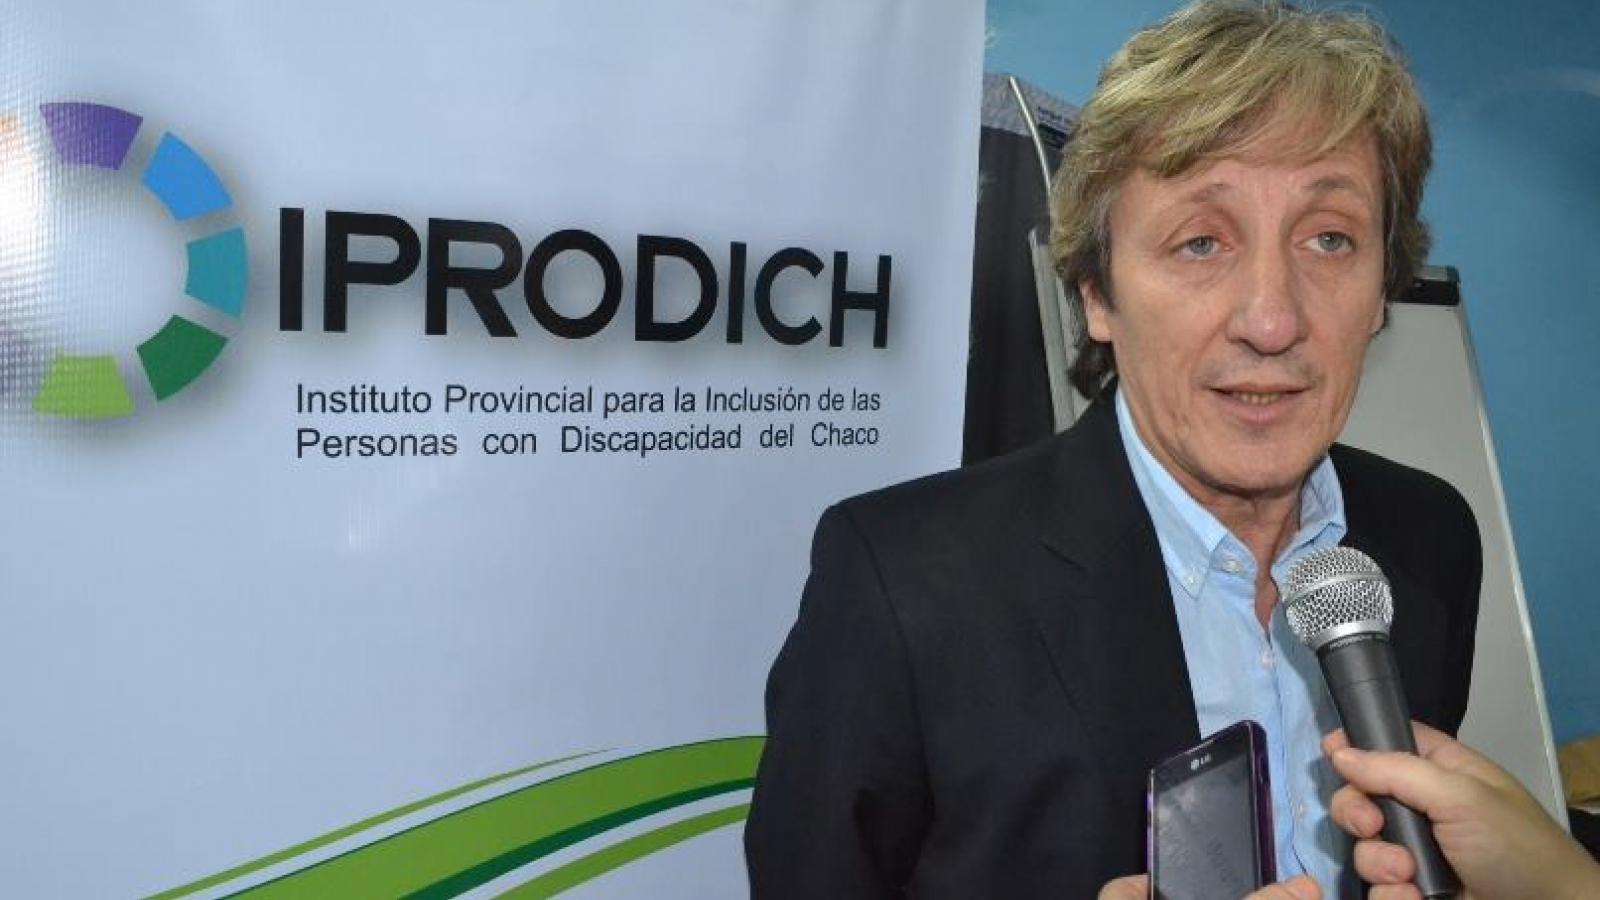 El presidente del IPRODICH José Lorenzo será distinguido por el Senado de la Nación